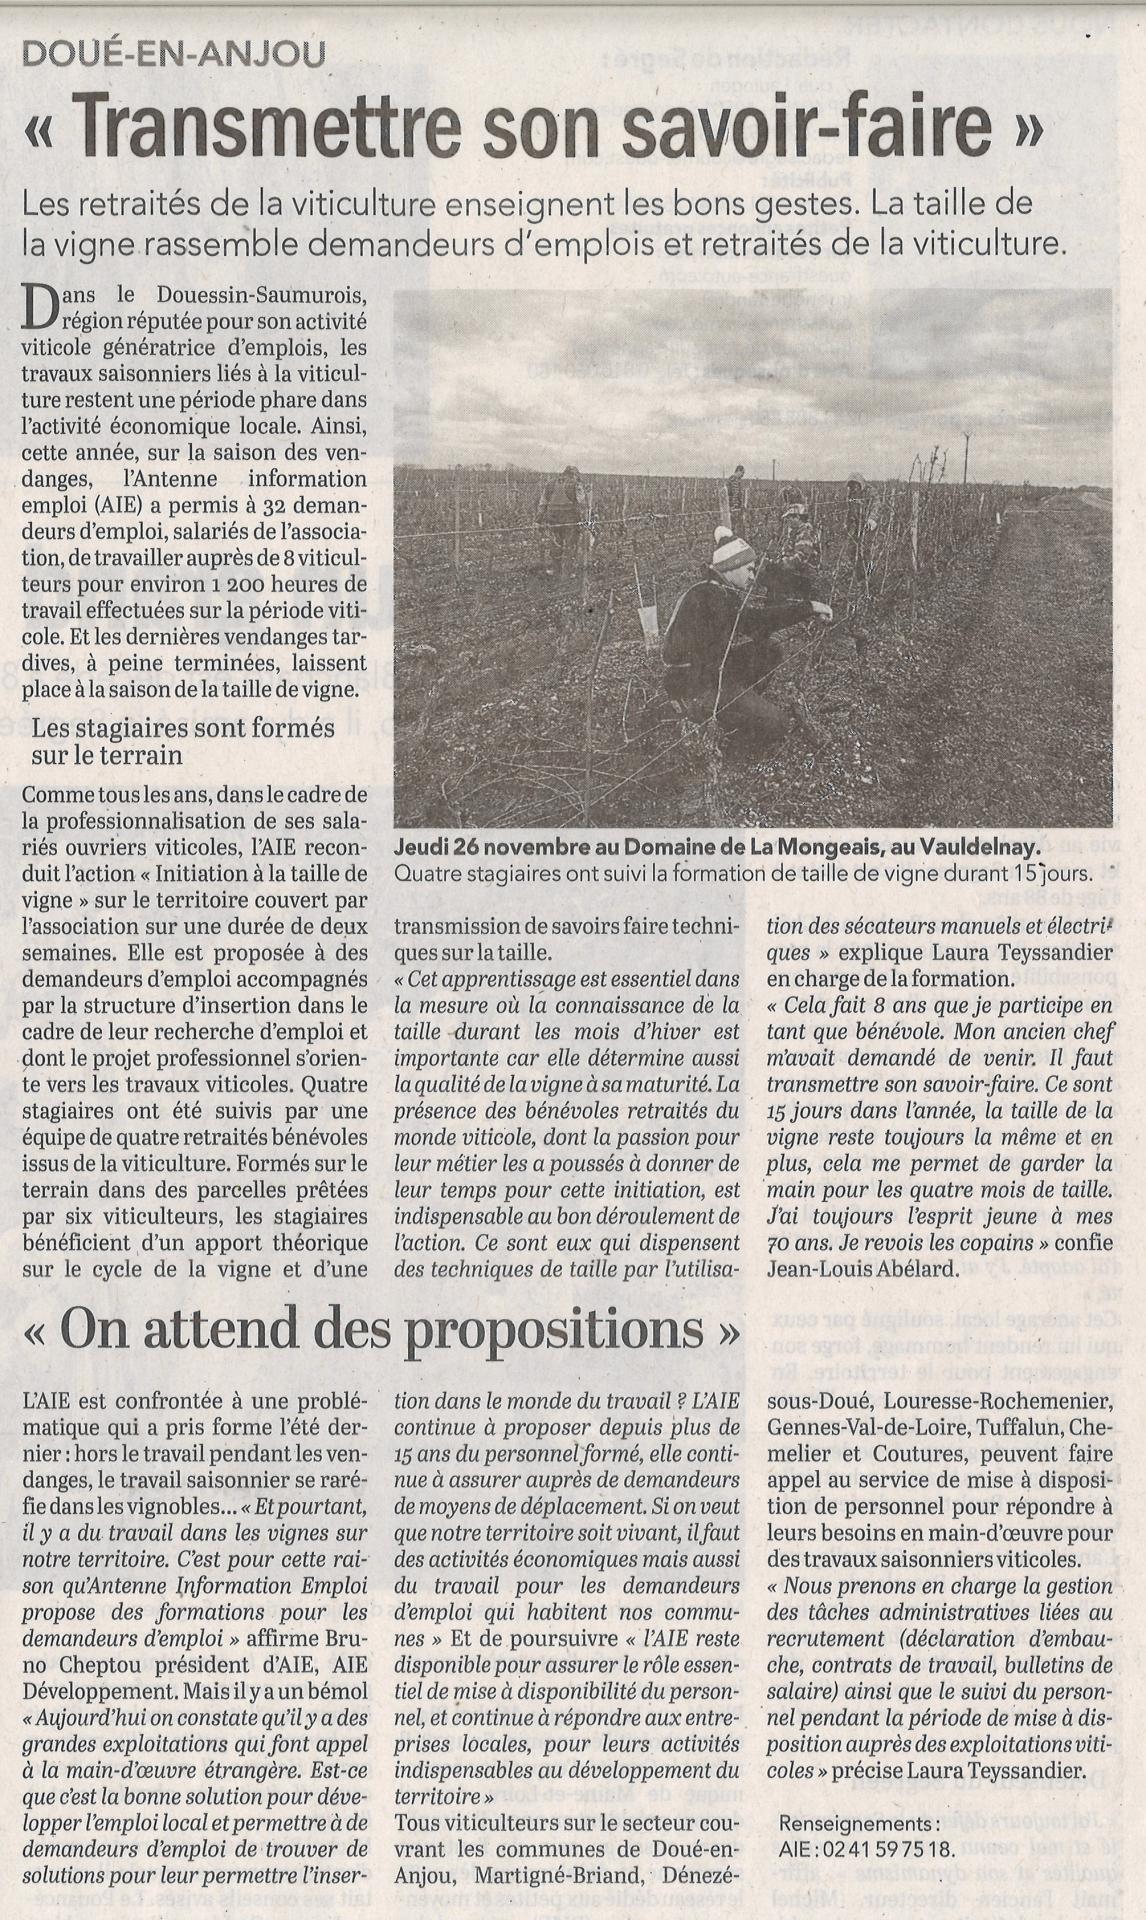 Article initiation taille de vigne 1